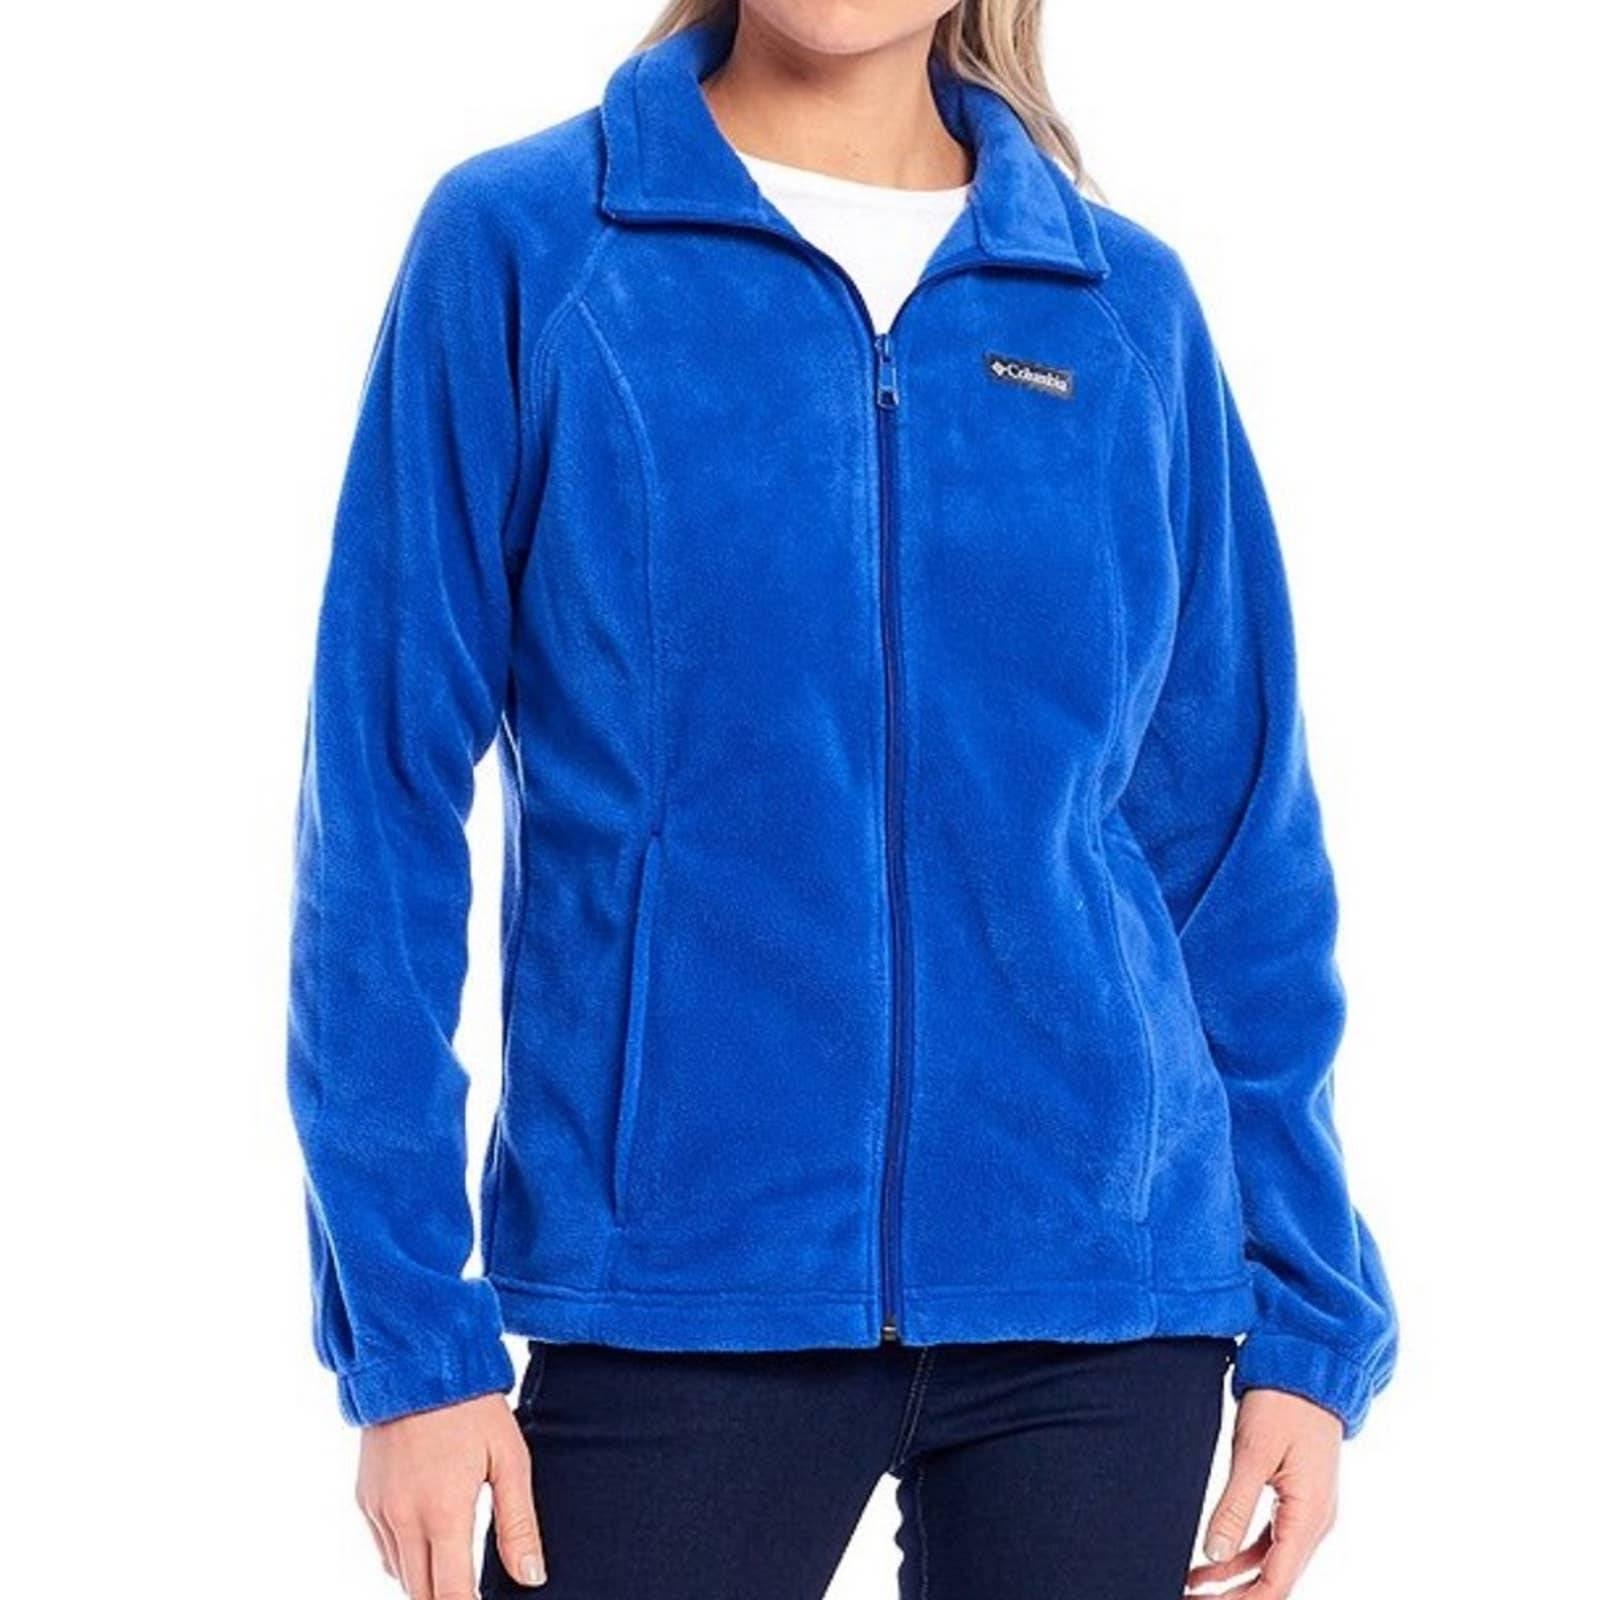 Blue Columbia fleece zip jacket